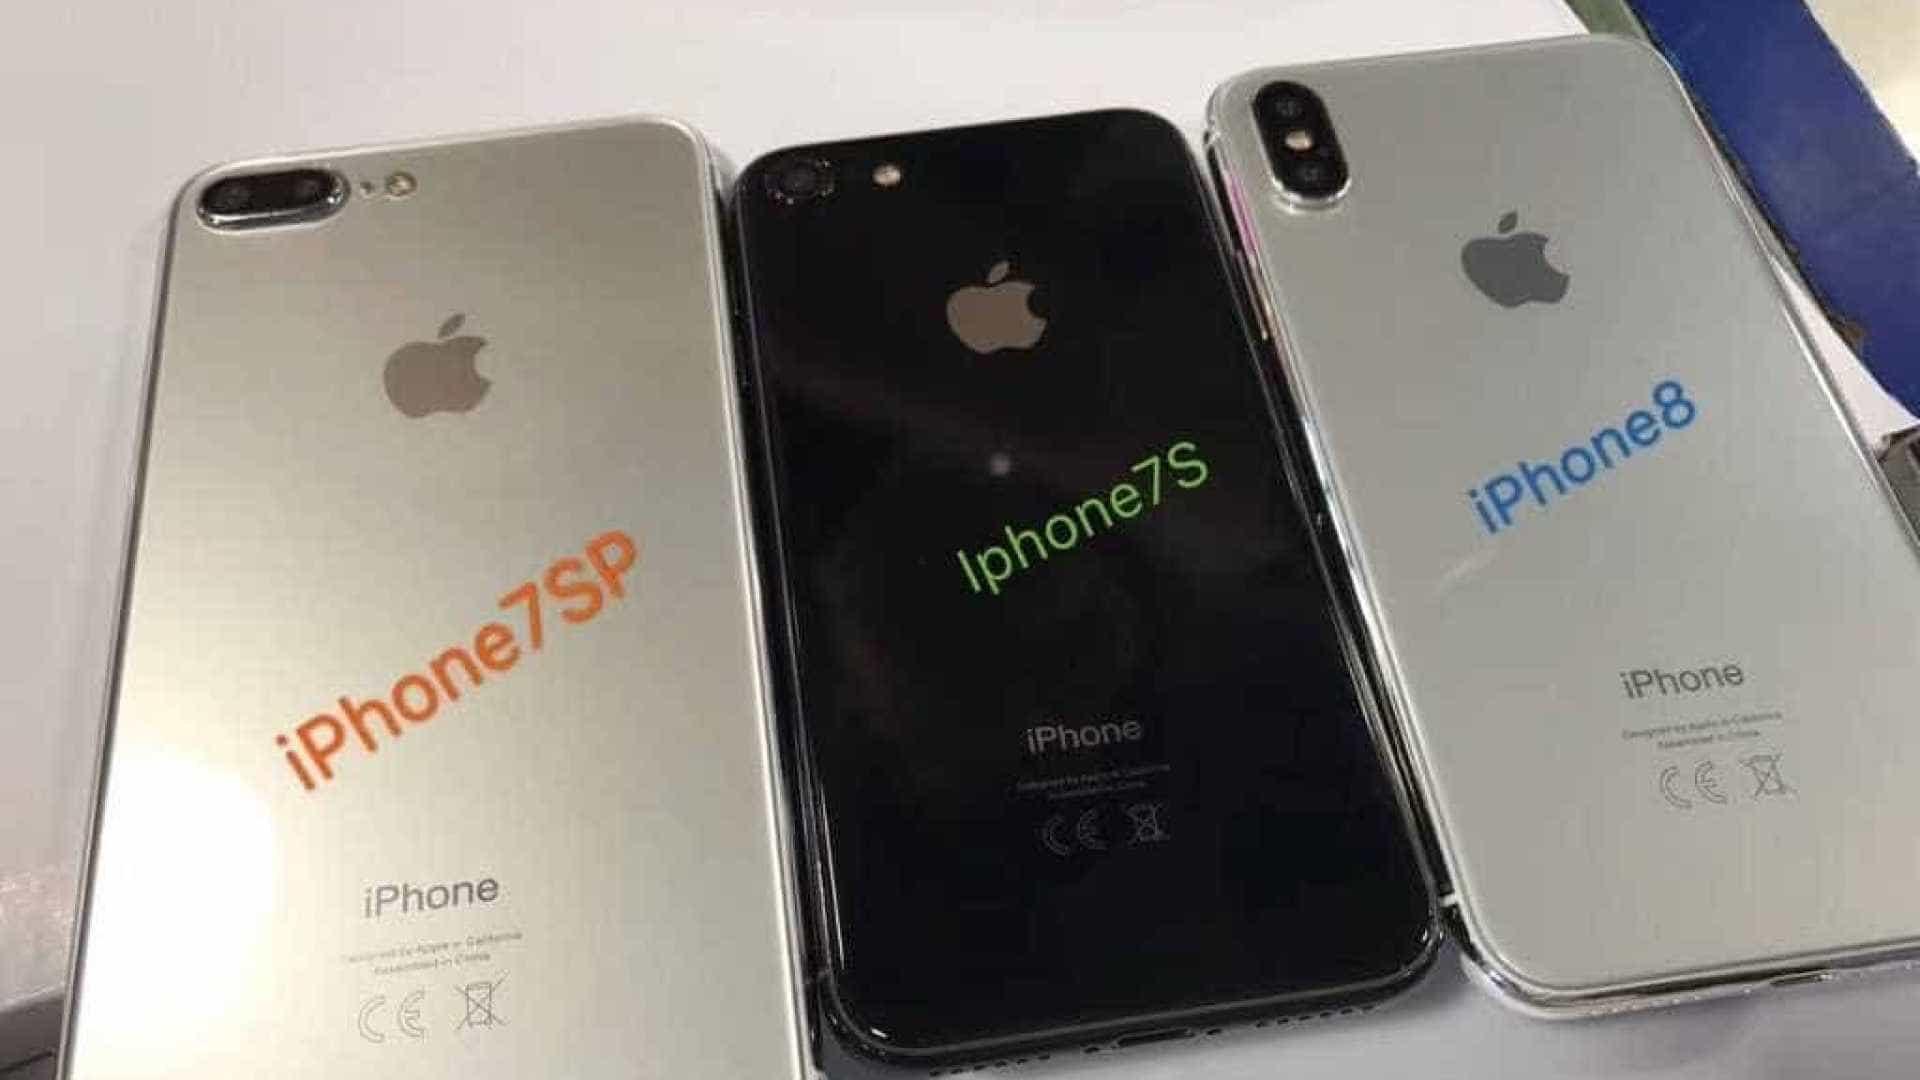 Suporto iPhone 7S aparece em imagem vazada com traseira de vidro